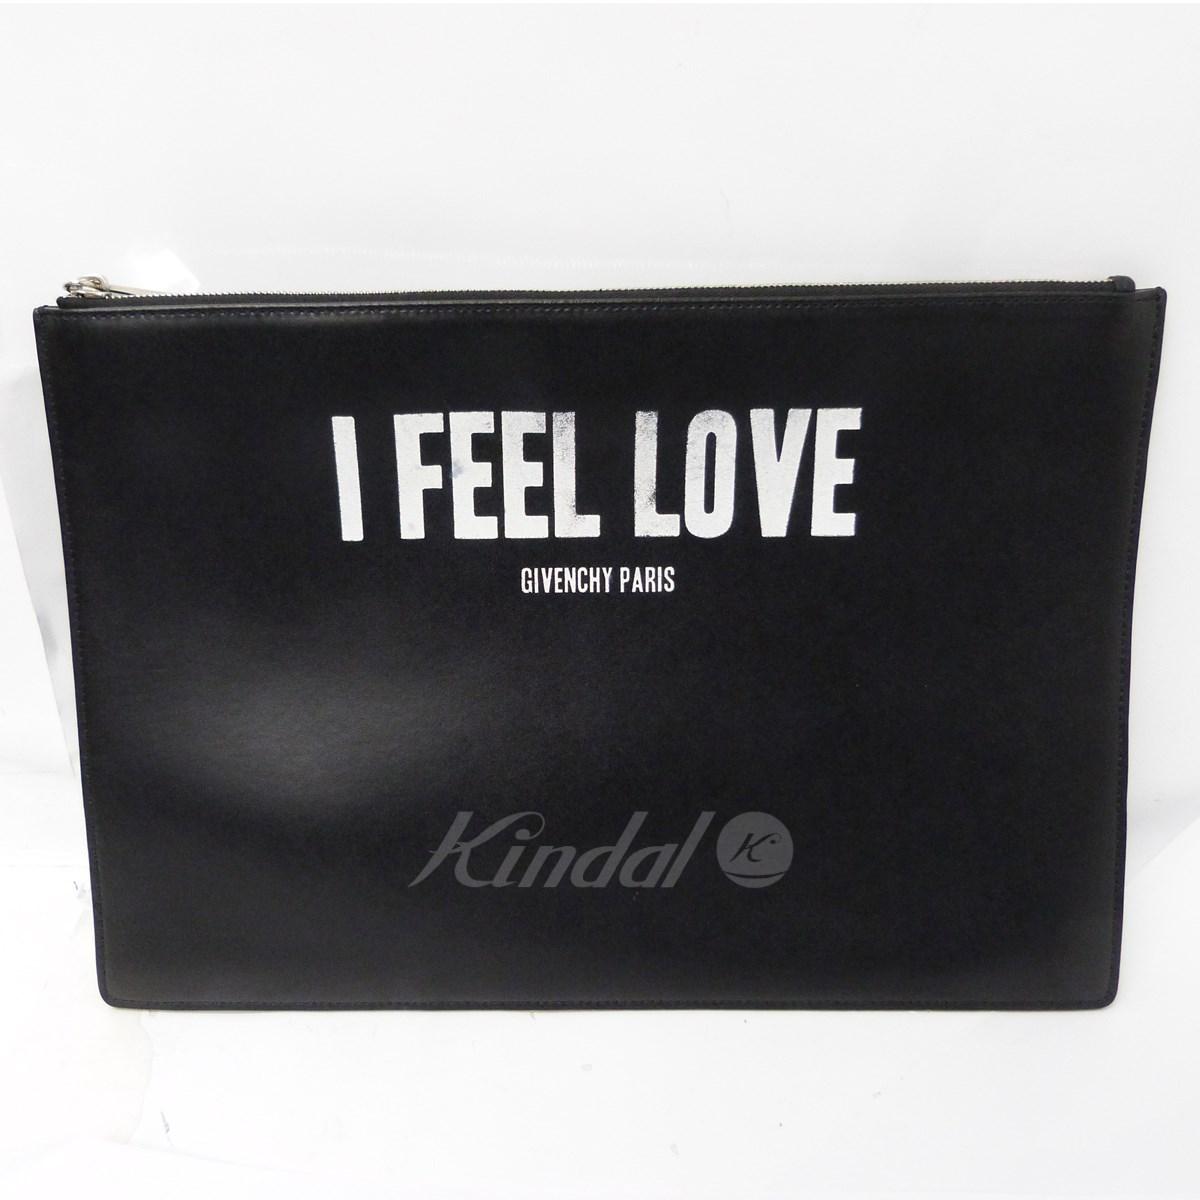 【中古】GIVENCHY 16SS「I FEEL LOVEクラッチバッグ」 【送料無料】 【162409】 【KIND1641】